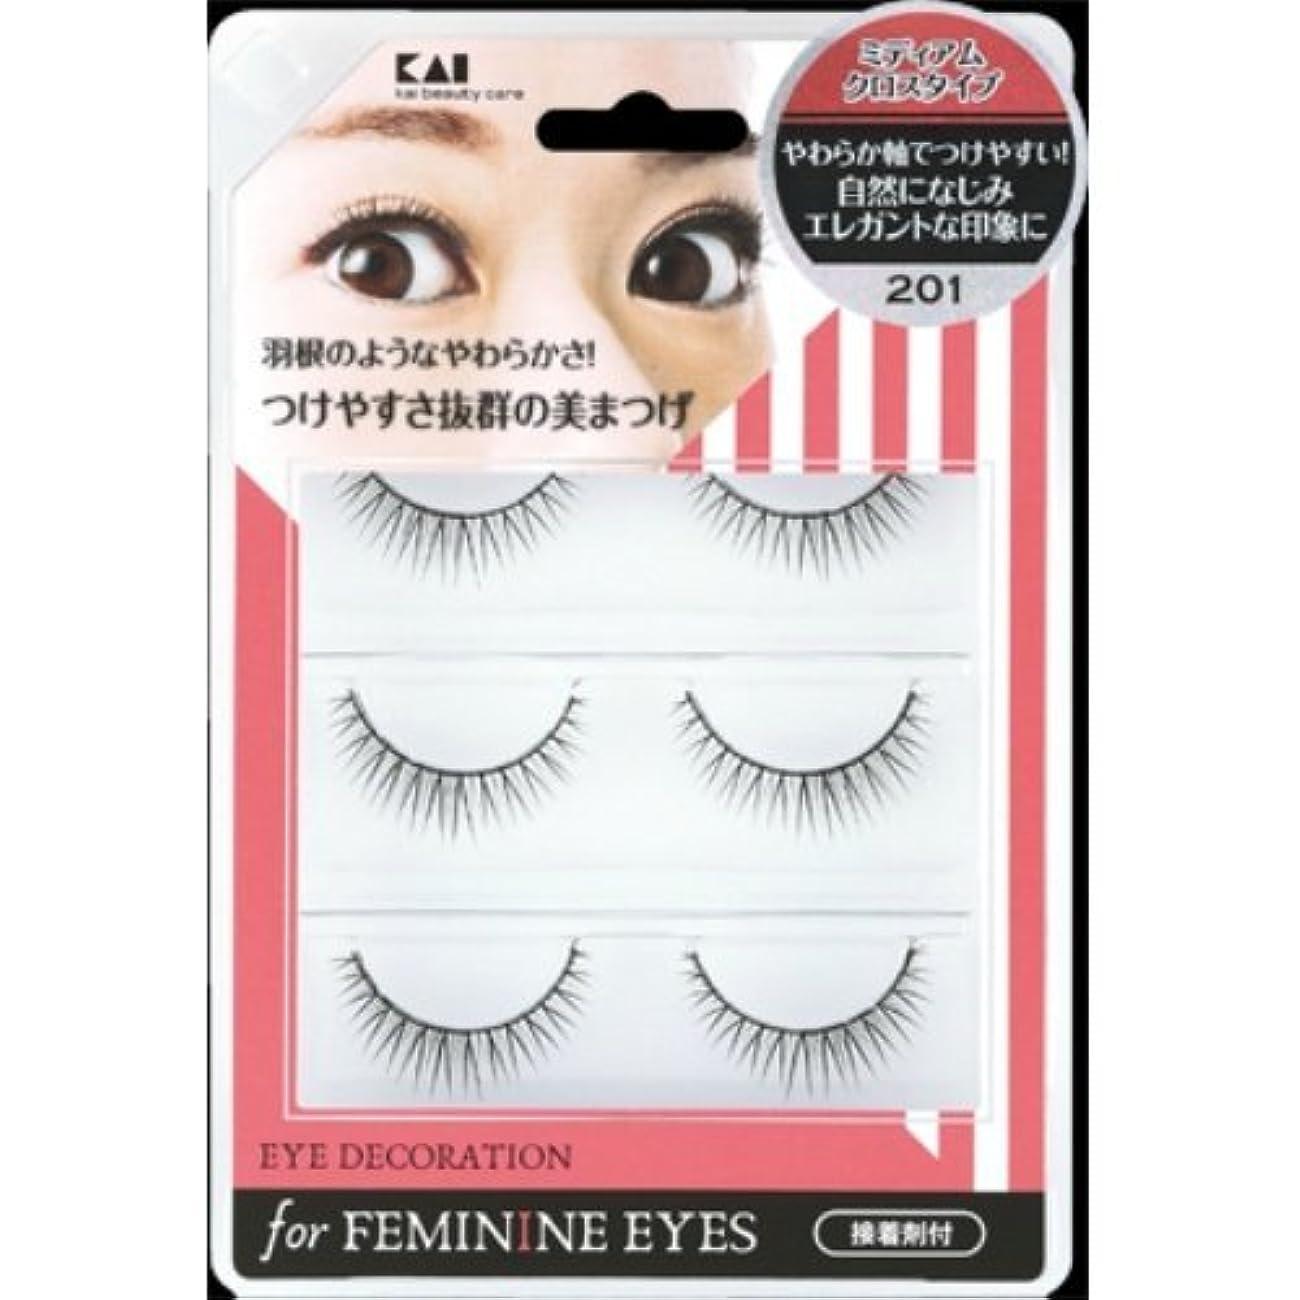 強大な歴史感じる貝印 アイデコレーション for feminine eyes 201 HC1558